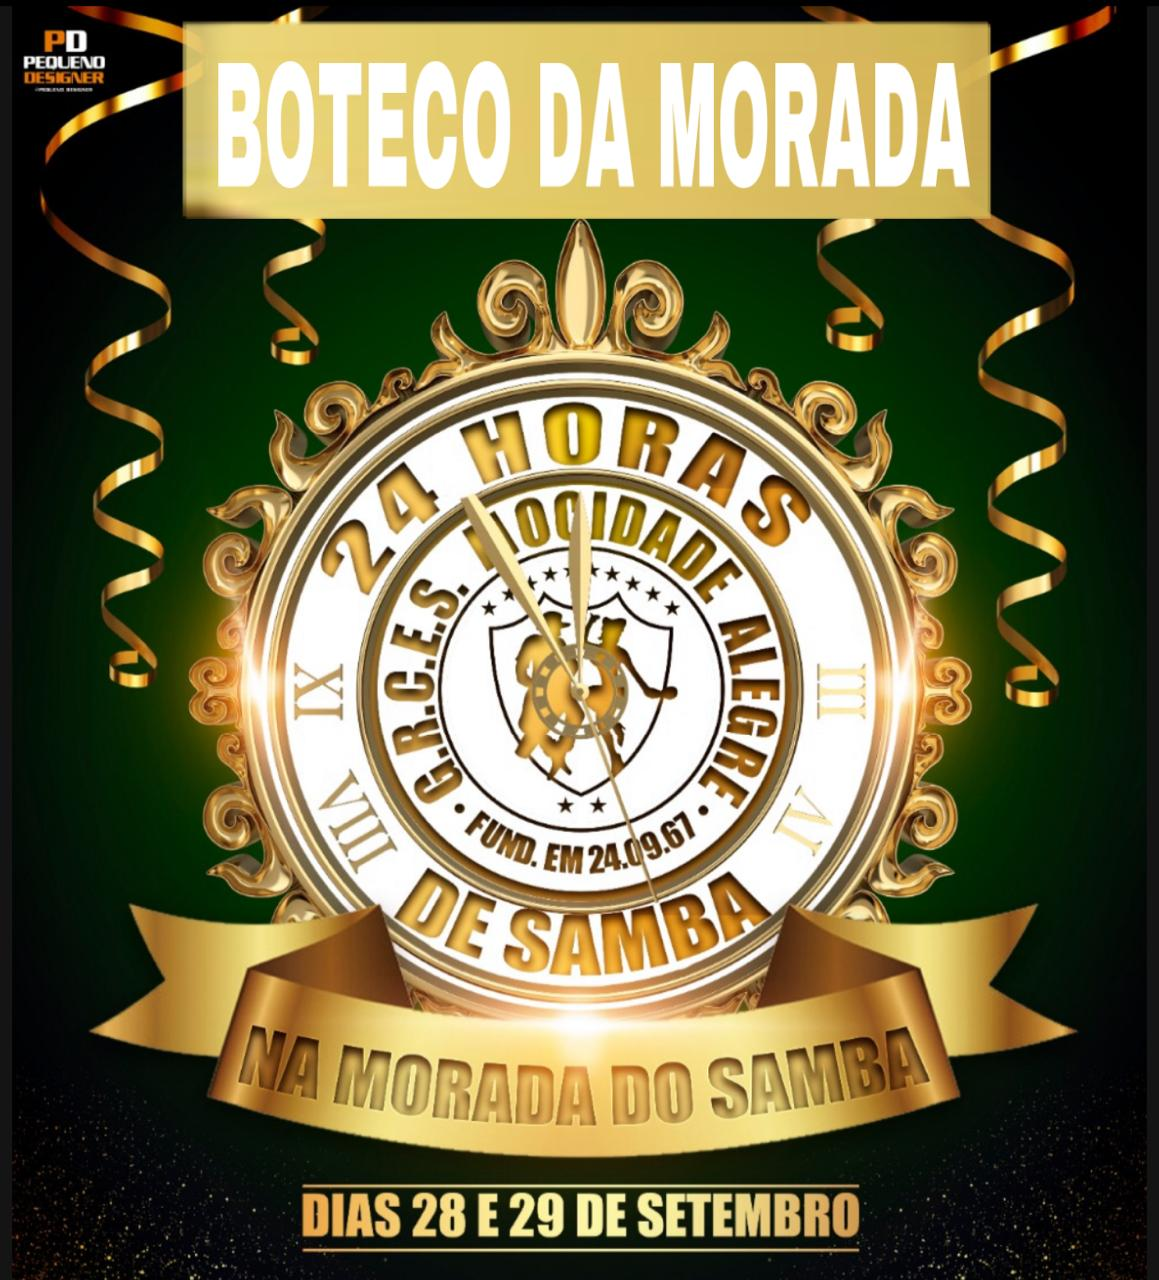 BOTECO - 24 HORAS DE SAMBA - CARNAVAL 2020 - 28 e 29 de Setembro 2019  - Mocidade Alegre